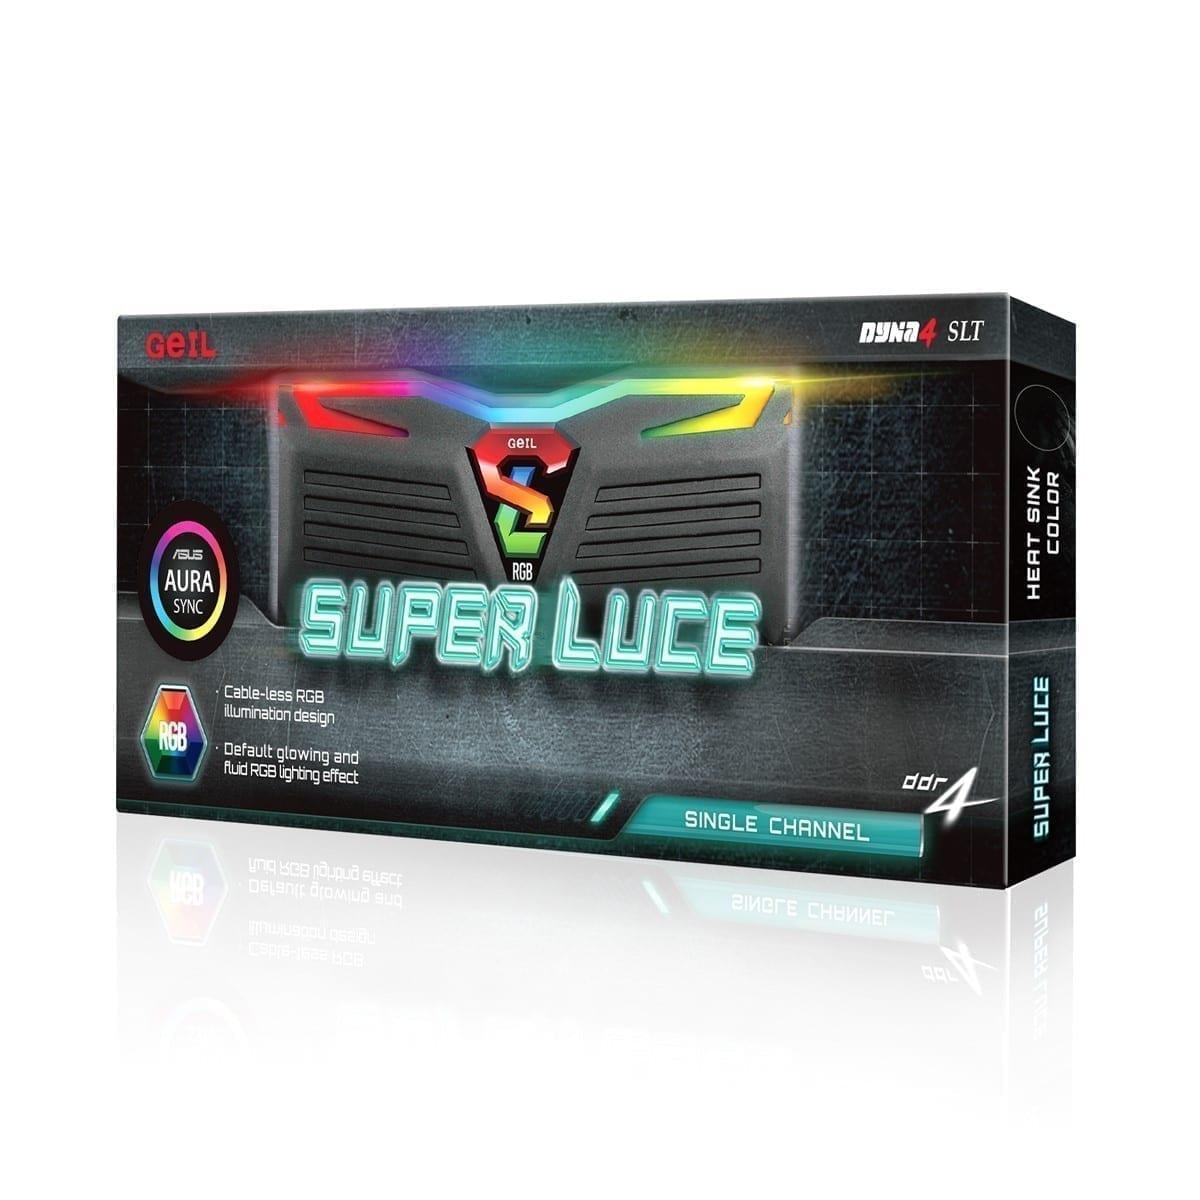 GeIL SUPER LUCE RGB Sync 8GB (8GB*1) DDR4 RAM 2666MHz RGB Black - GLS48GB2666C19SC 1